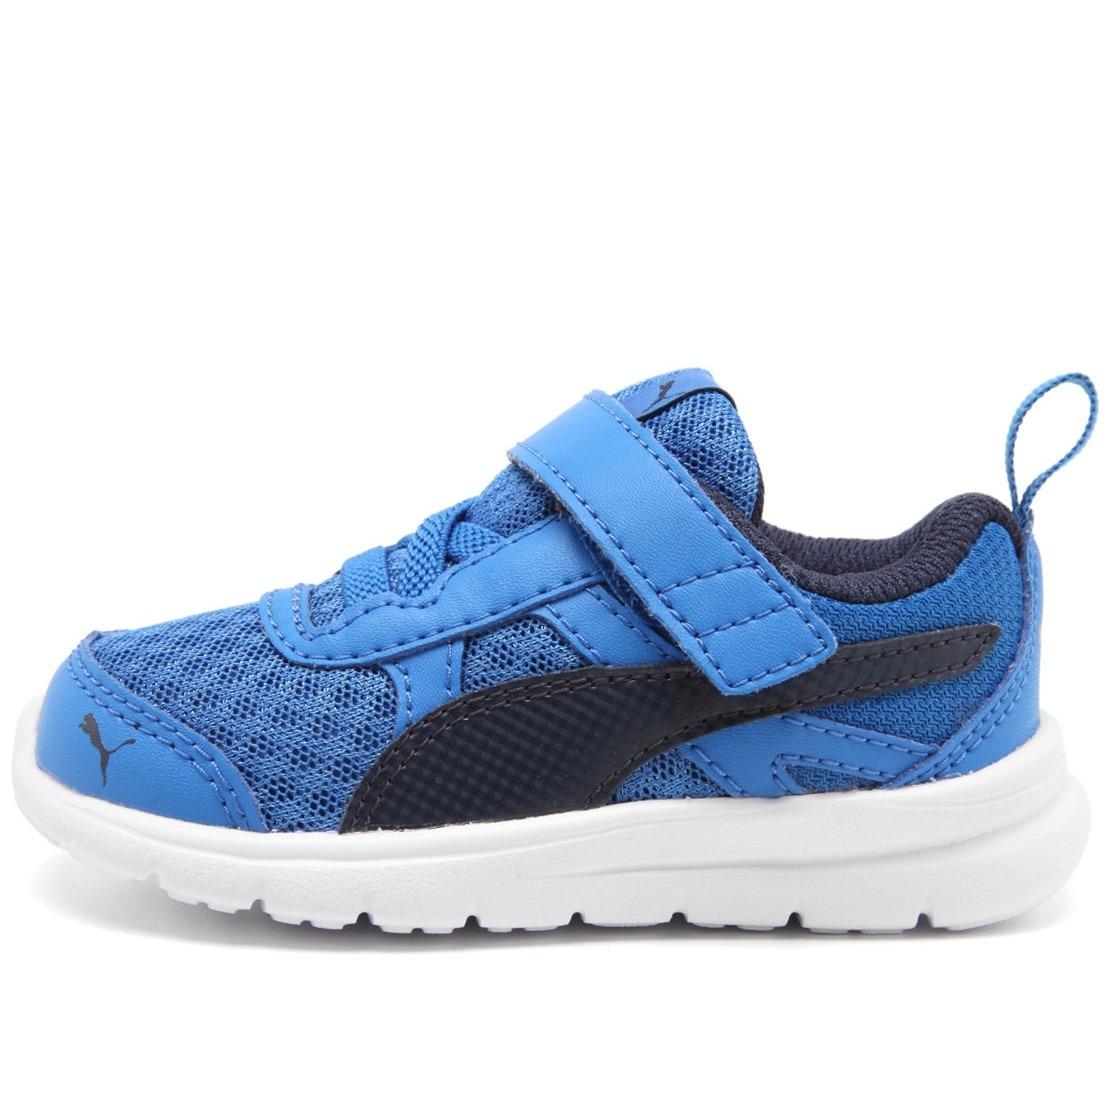 ffaa7622e3f tênis puma flex essential azul masculino infantil. Carregando zoom.